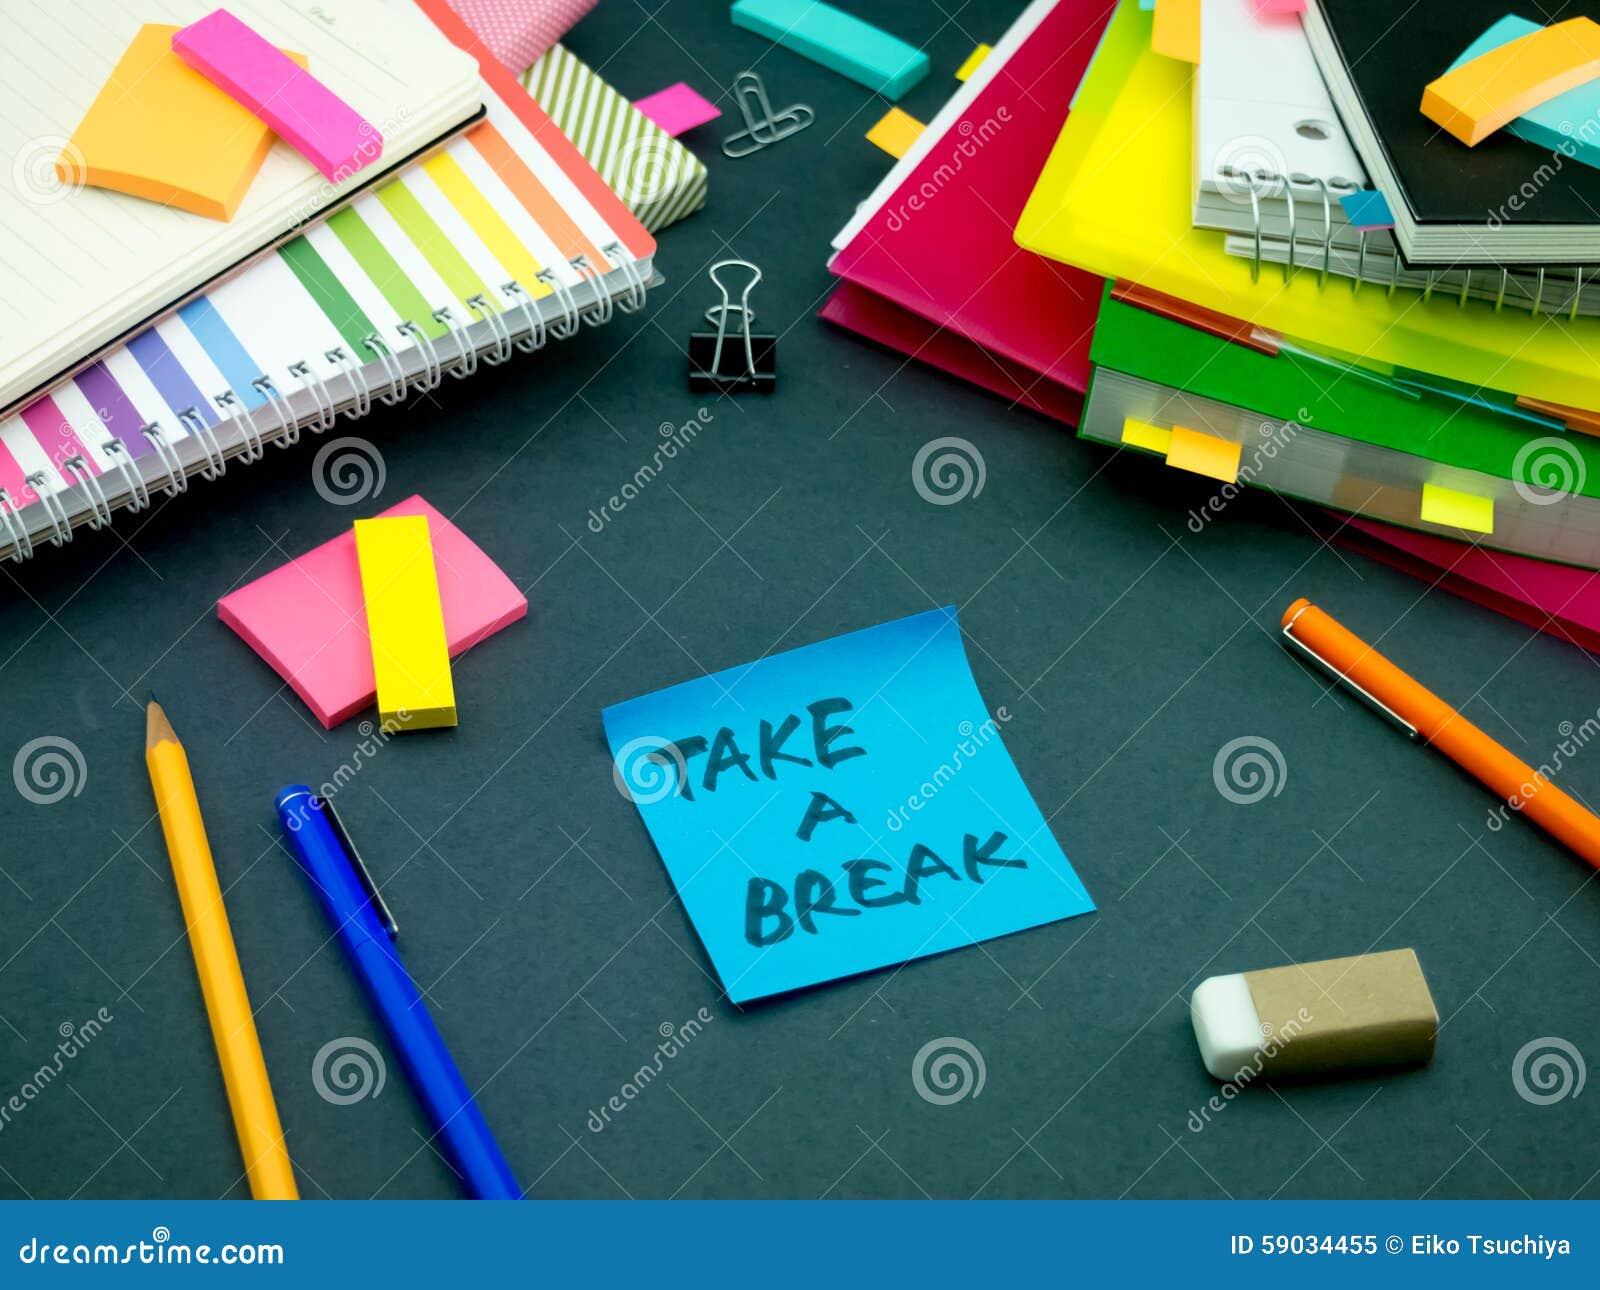 Alguém deixou a mensagem em sua mesa de trabalho; Tome uma ruptura